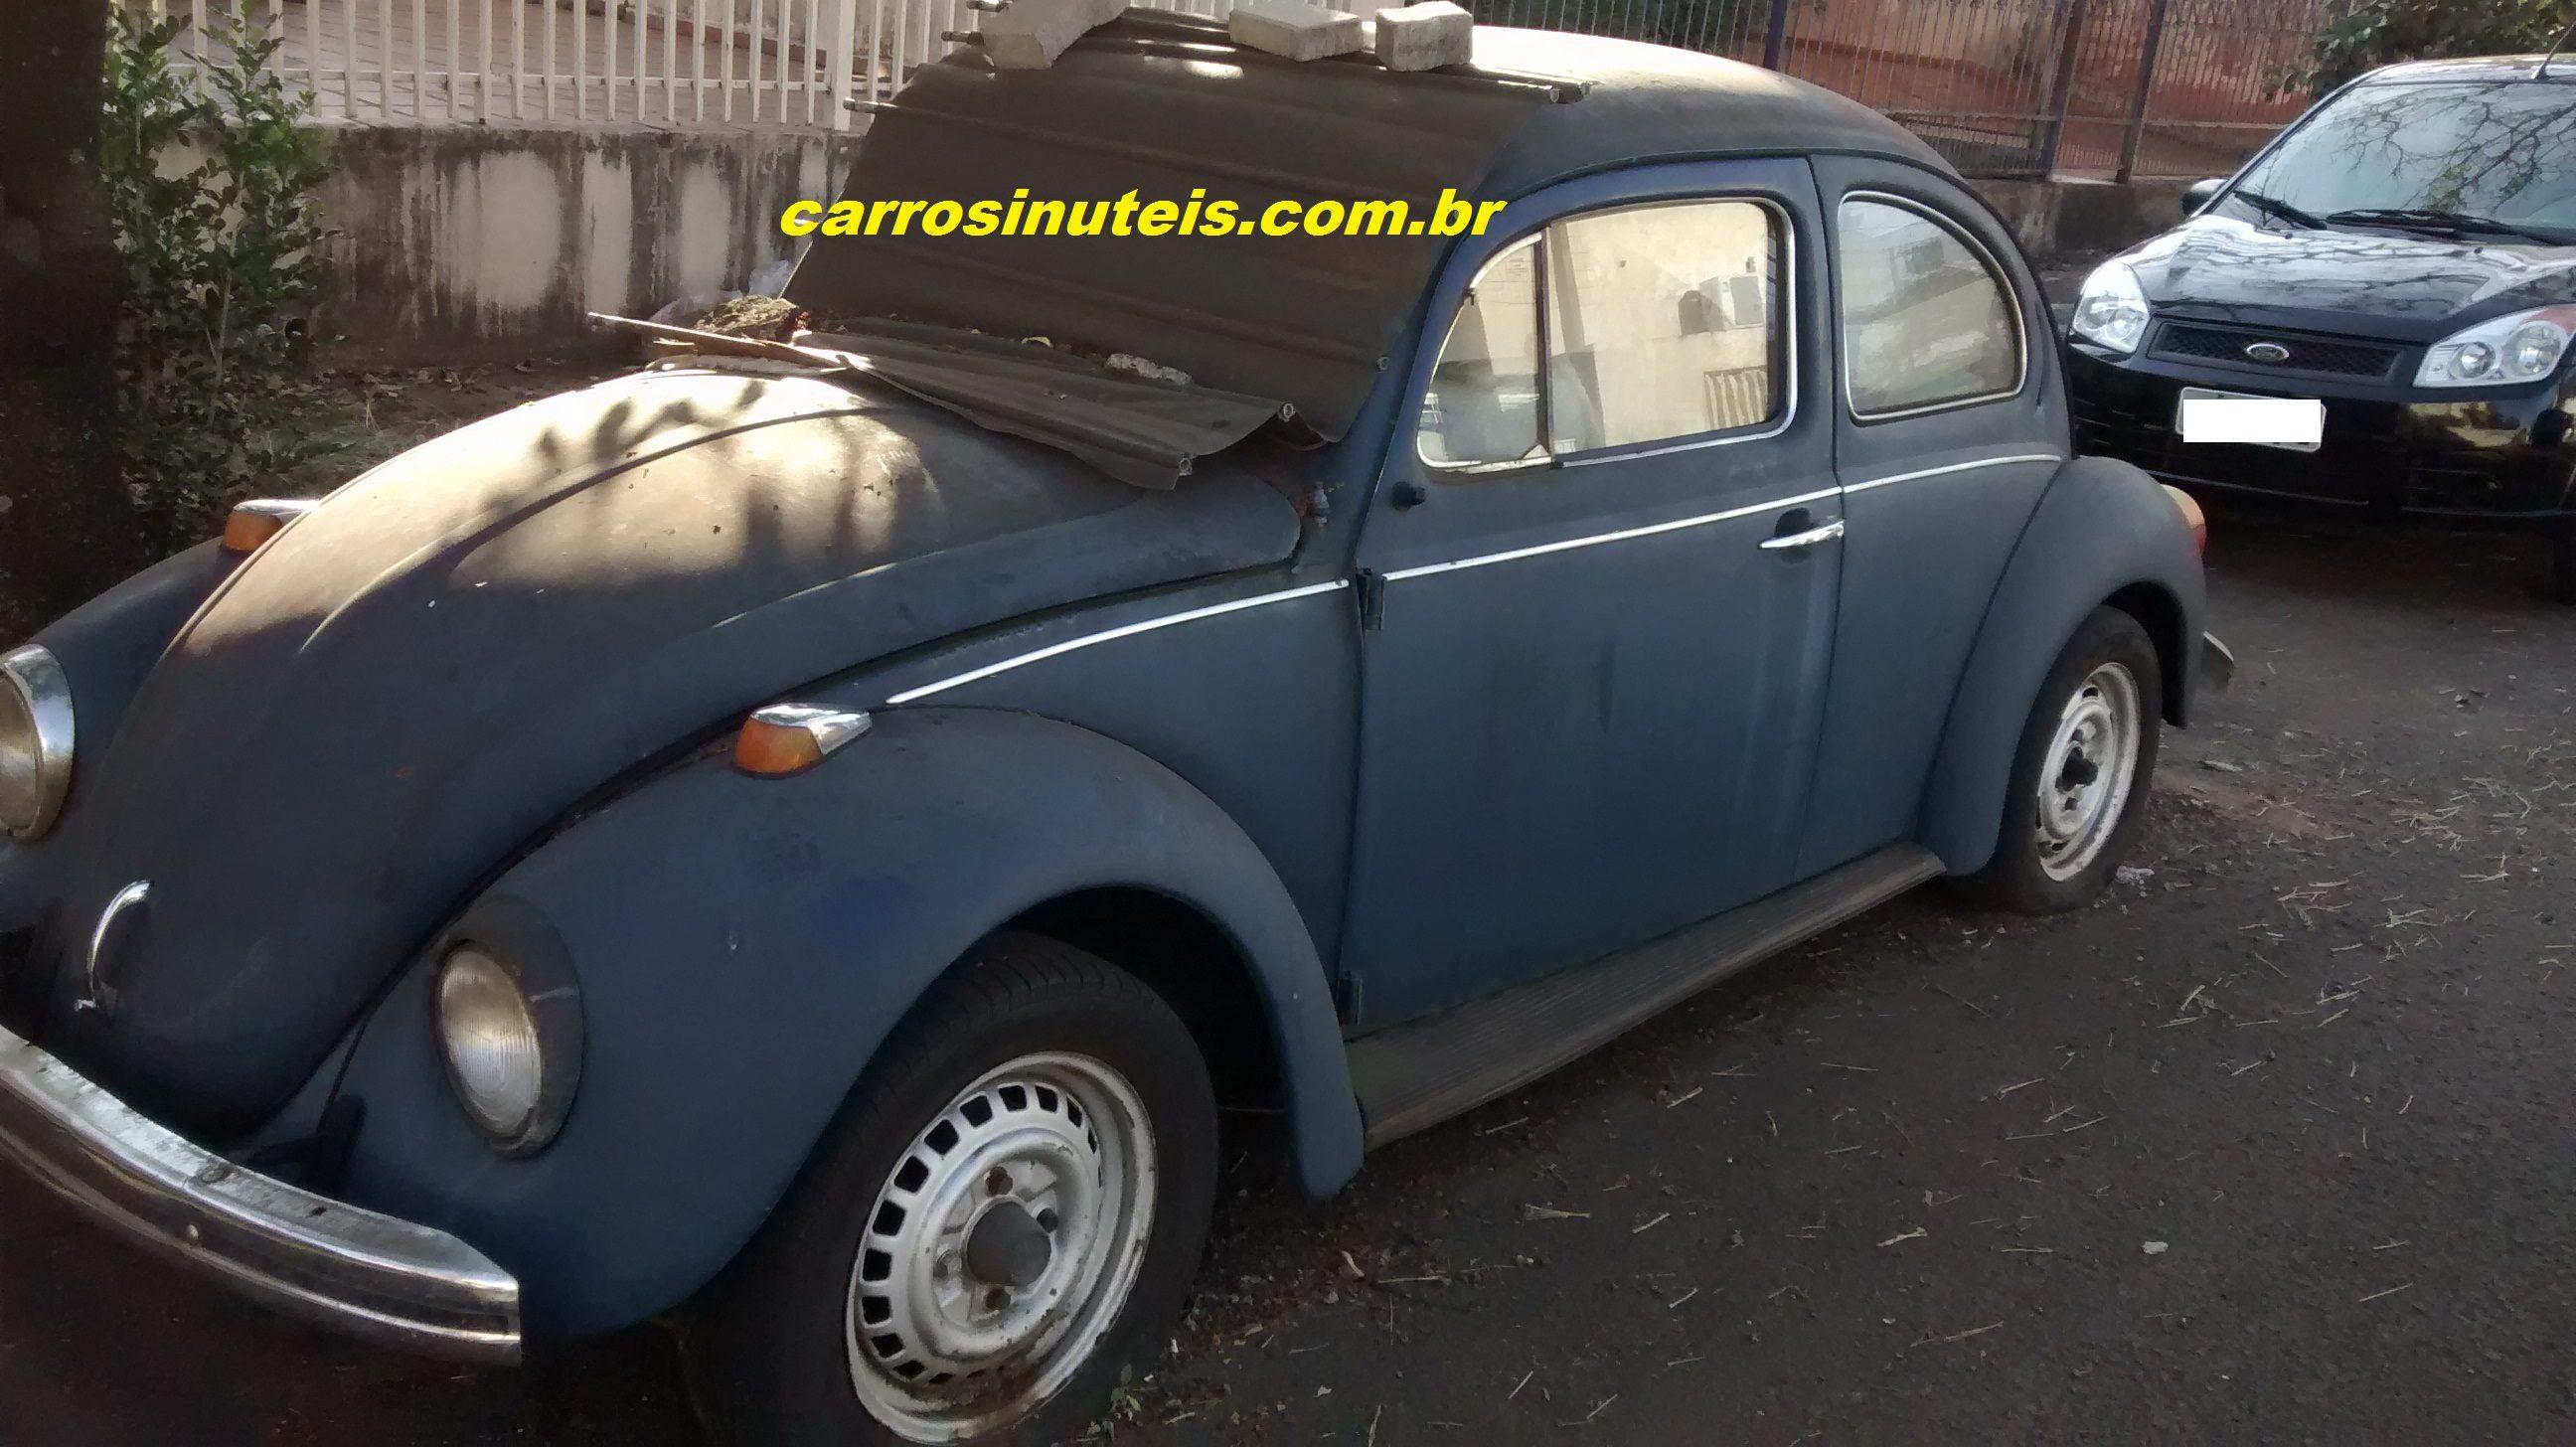 IMG_20140812_082459008 VW Fusca, Diego, Londrina, Paraná